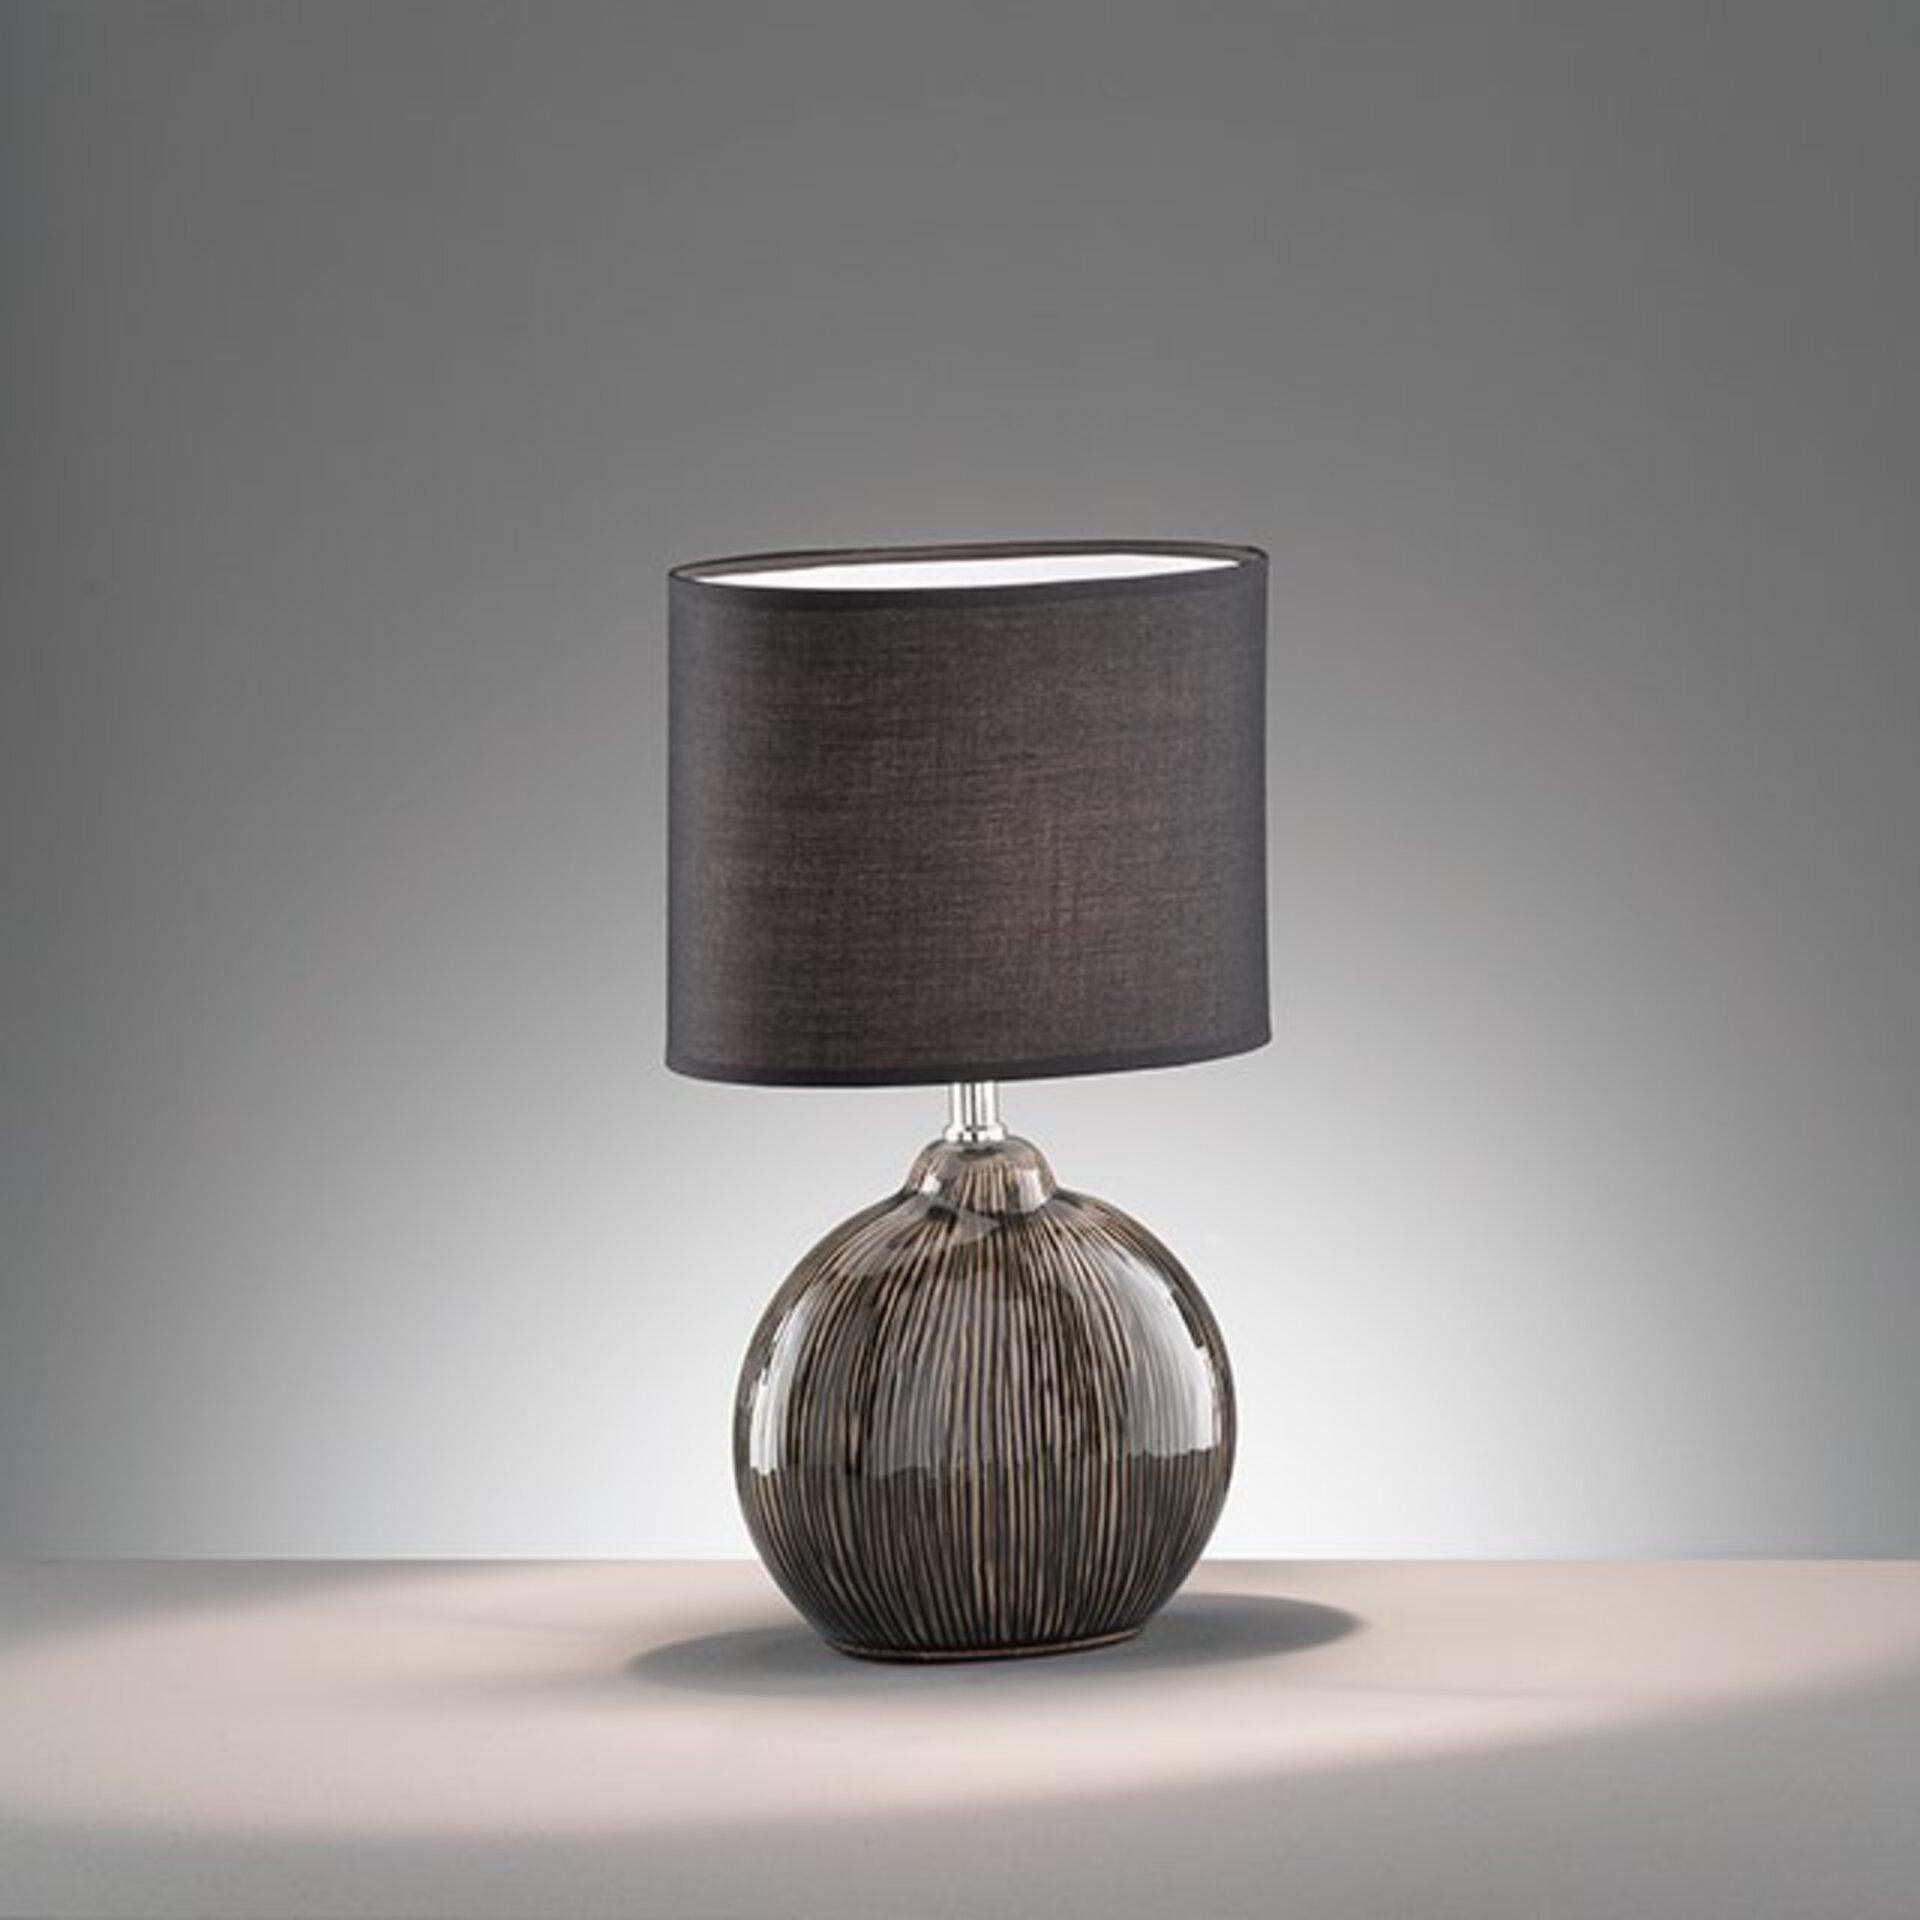 Tischleuchte Marin Fischer-Honsel Textil schwarz 13 x 39 x 23 cm